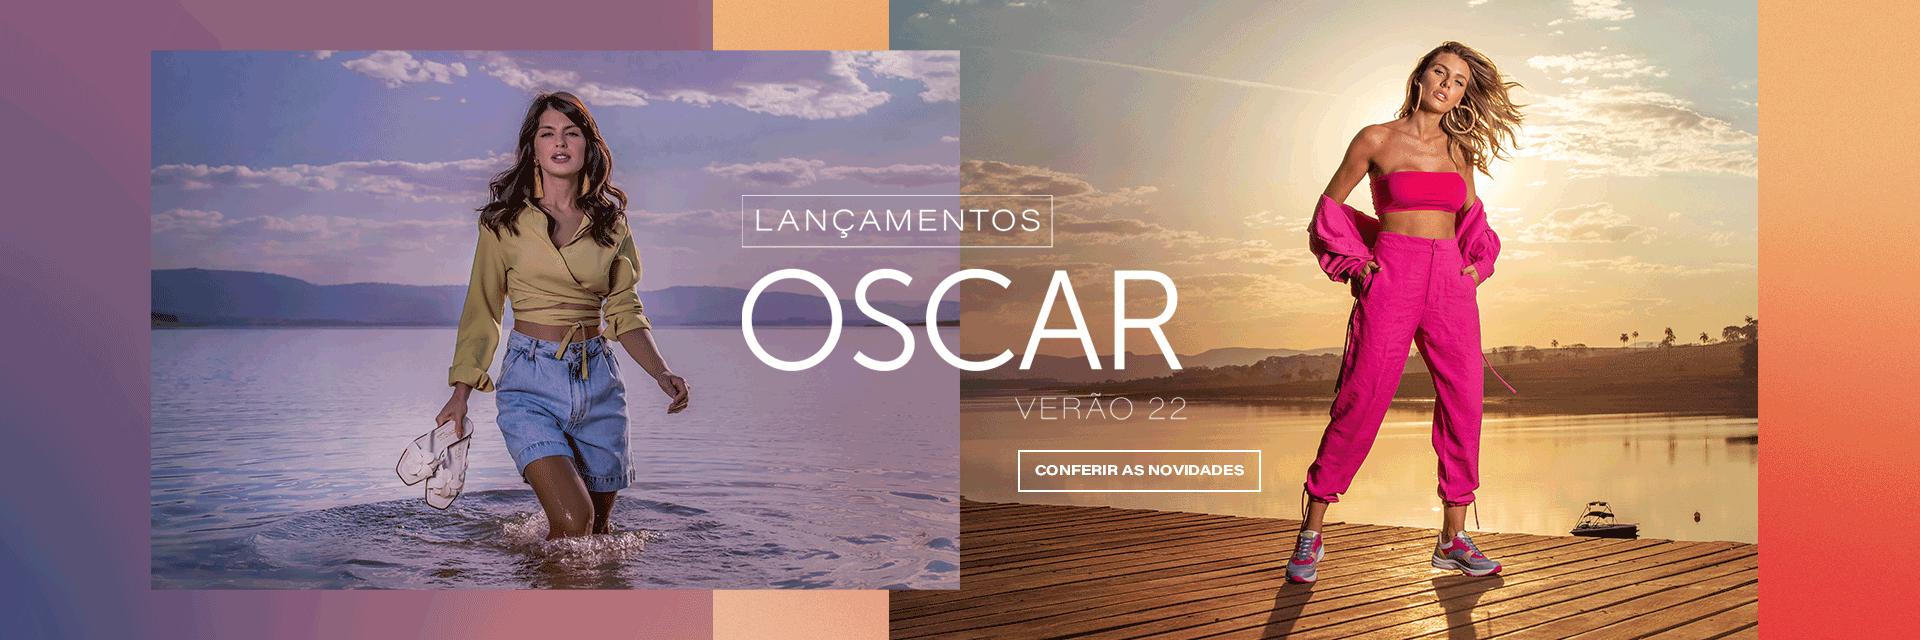 Verão Oscar - Geral